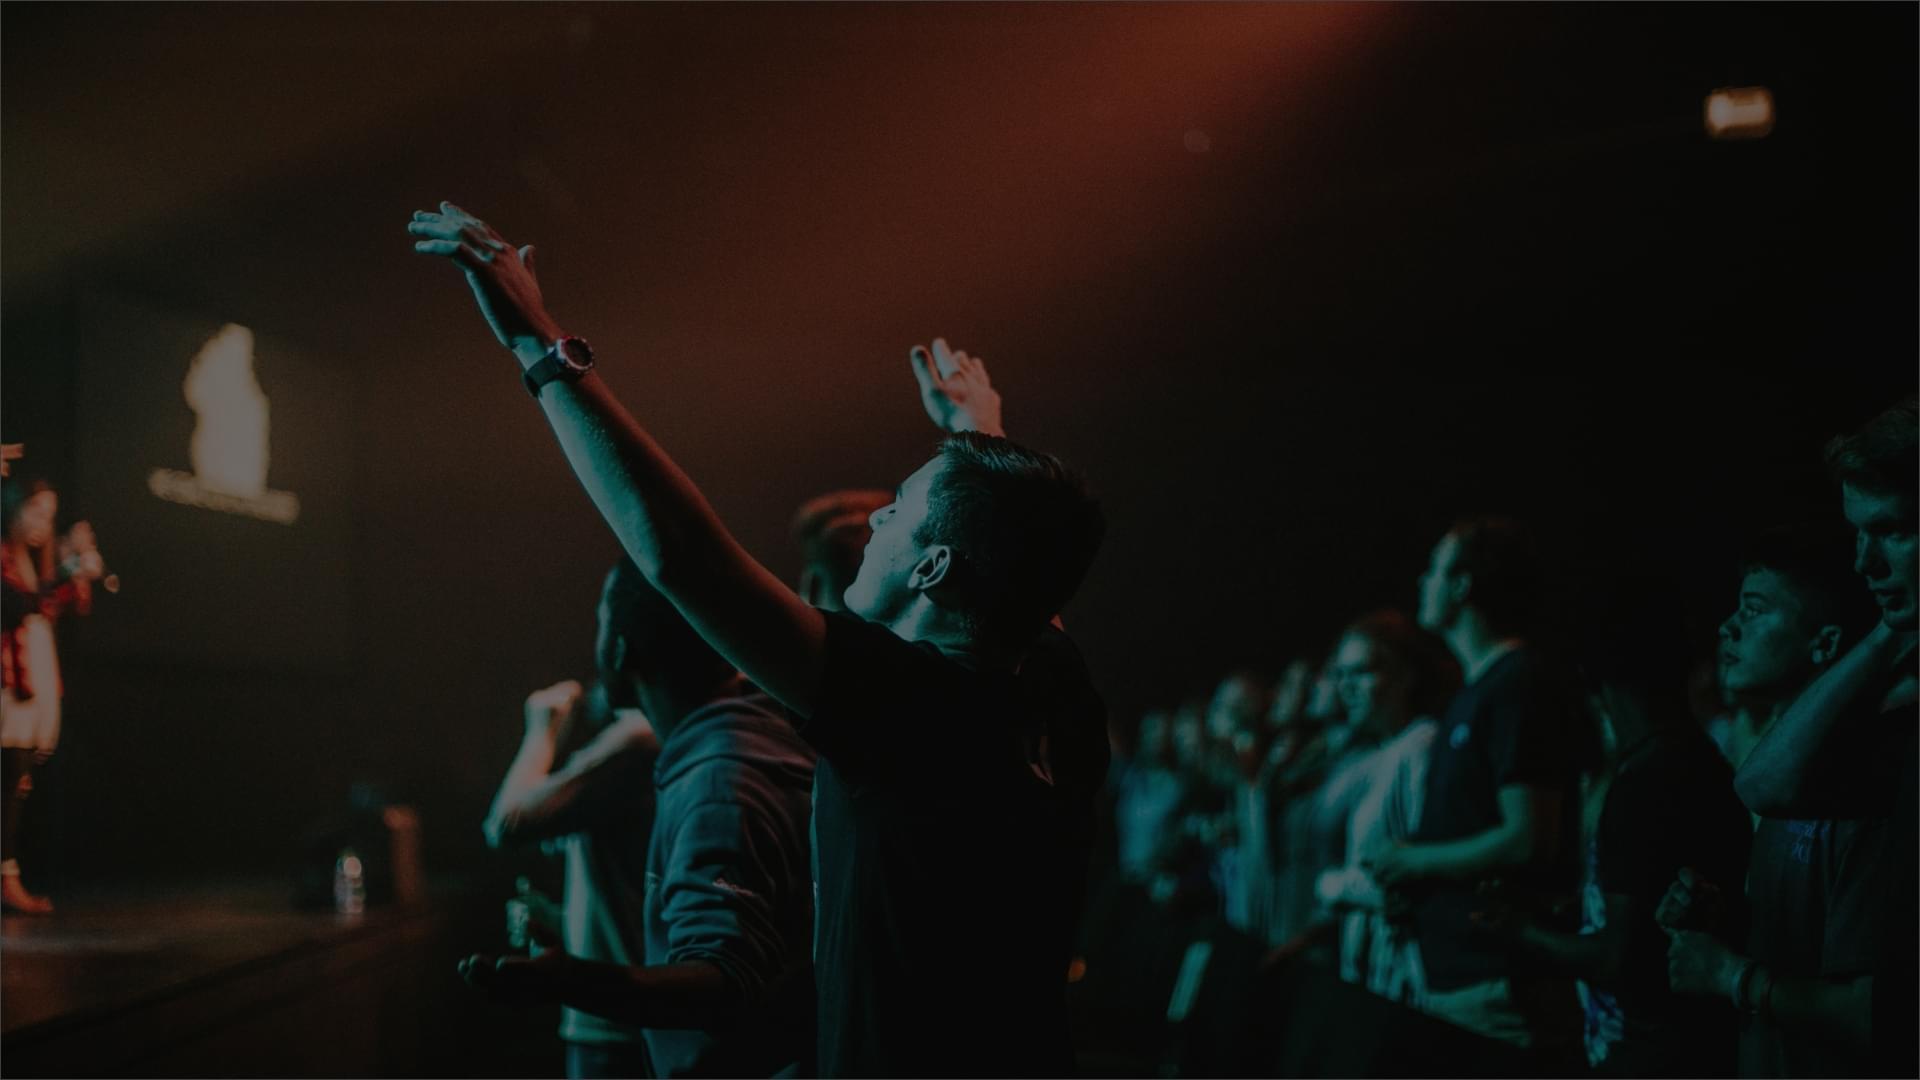 man worshipping